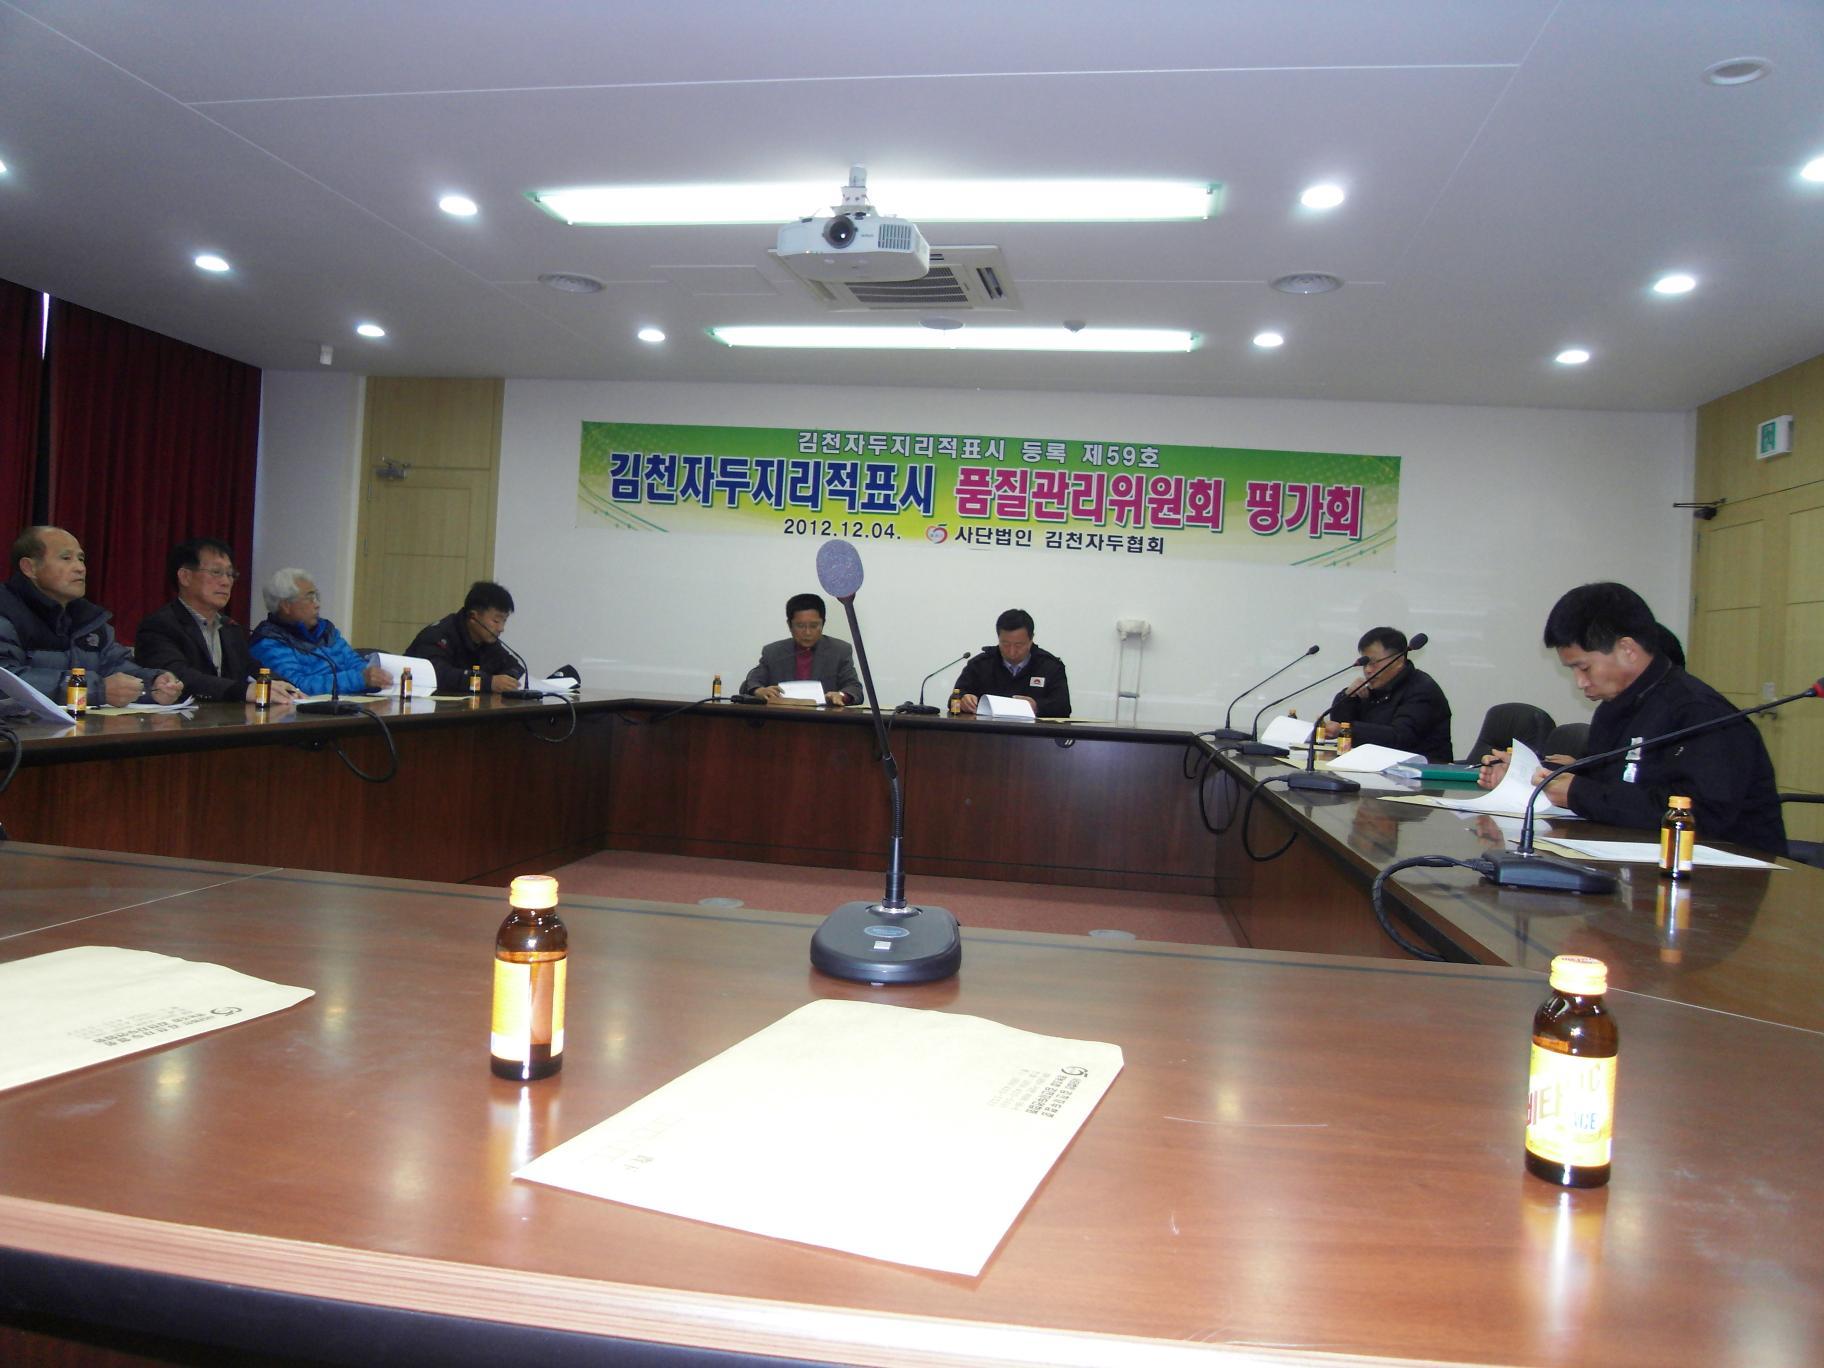 김천자두지리적표시 품질관리위원회 평가회